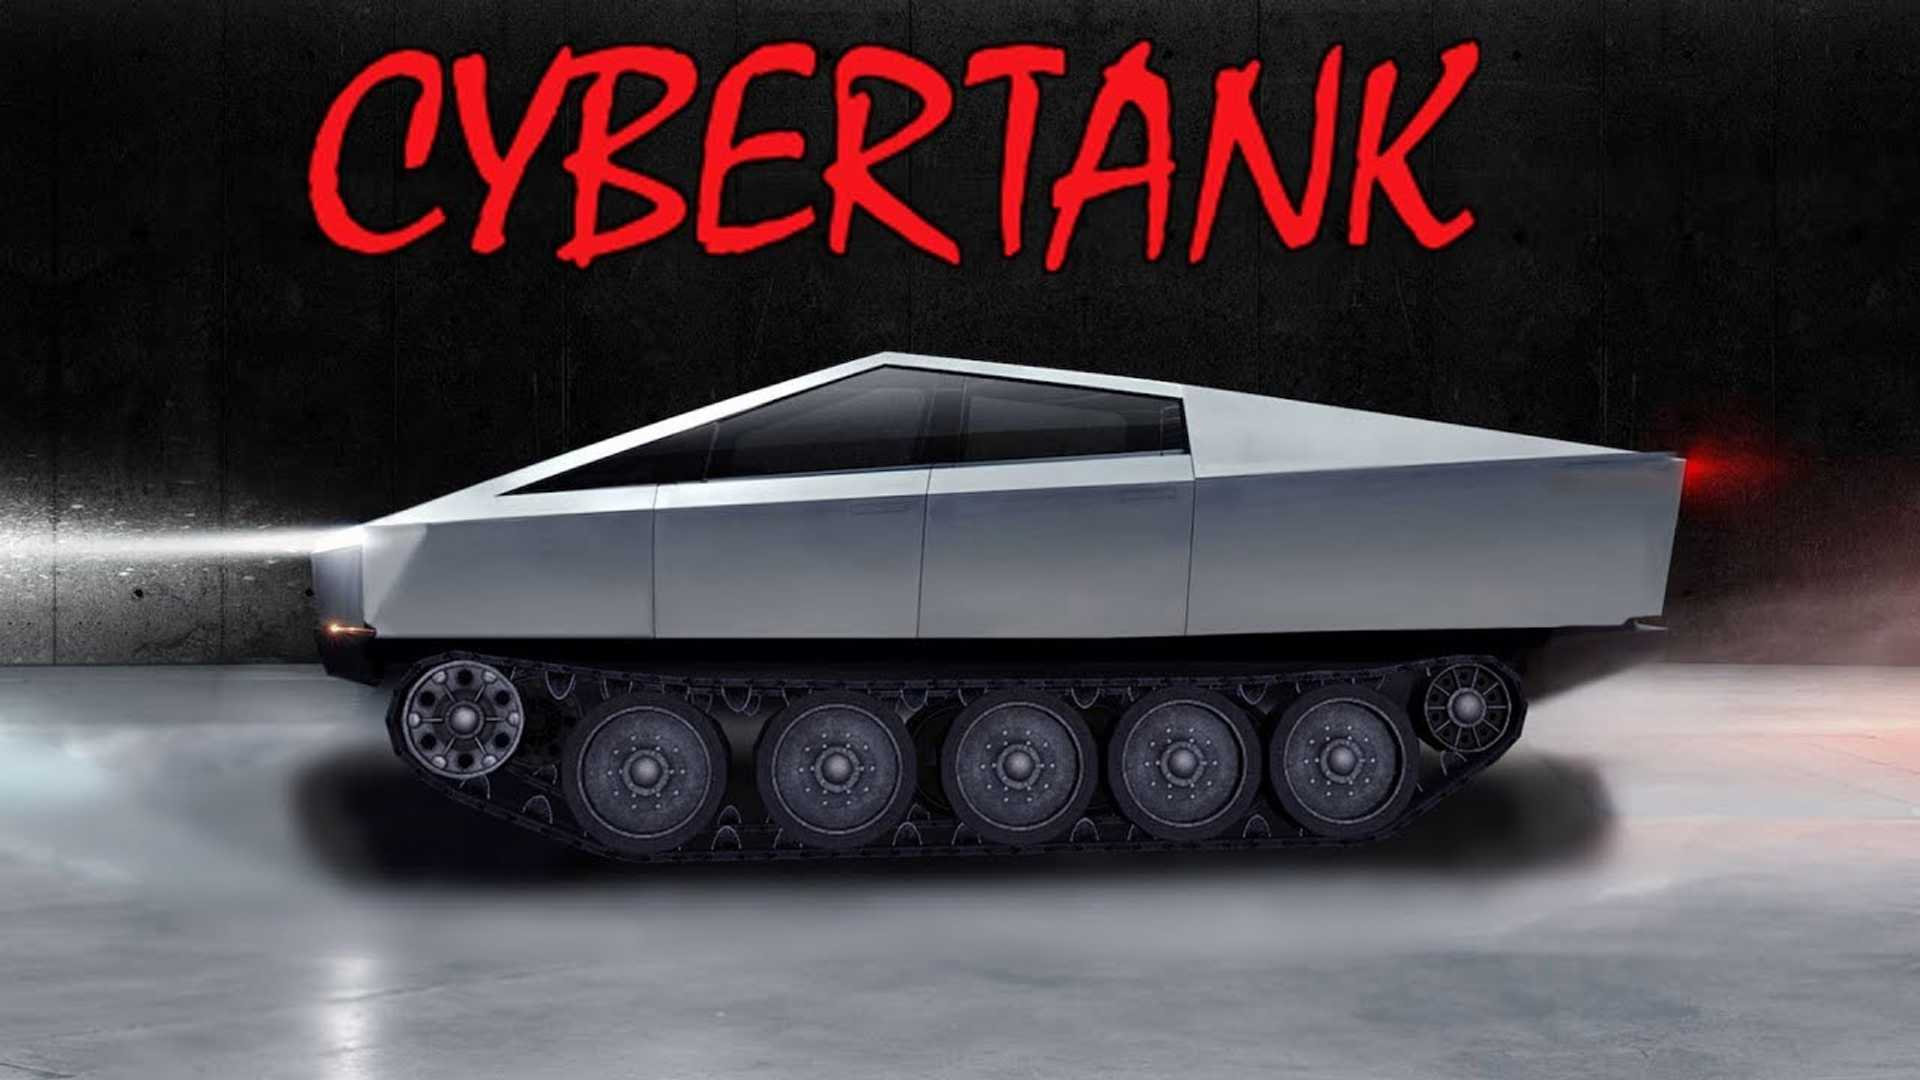 Tesla Cybertruck Becomes Cybertank In Latest Renderings